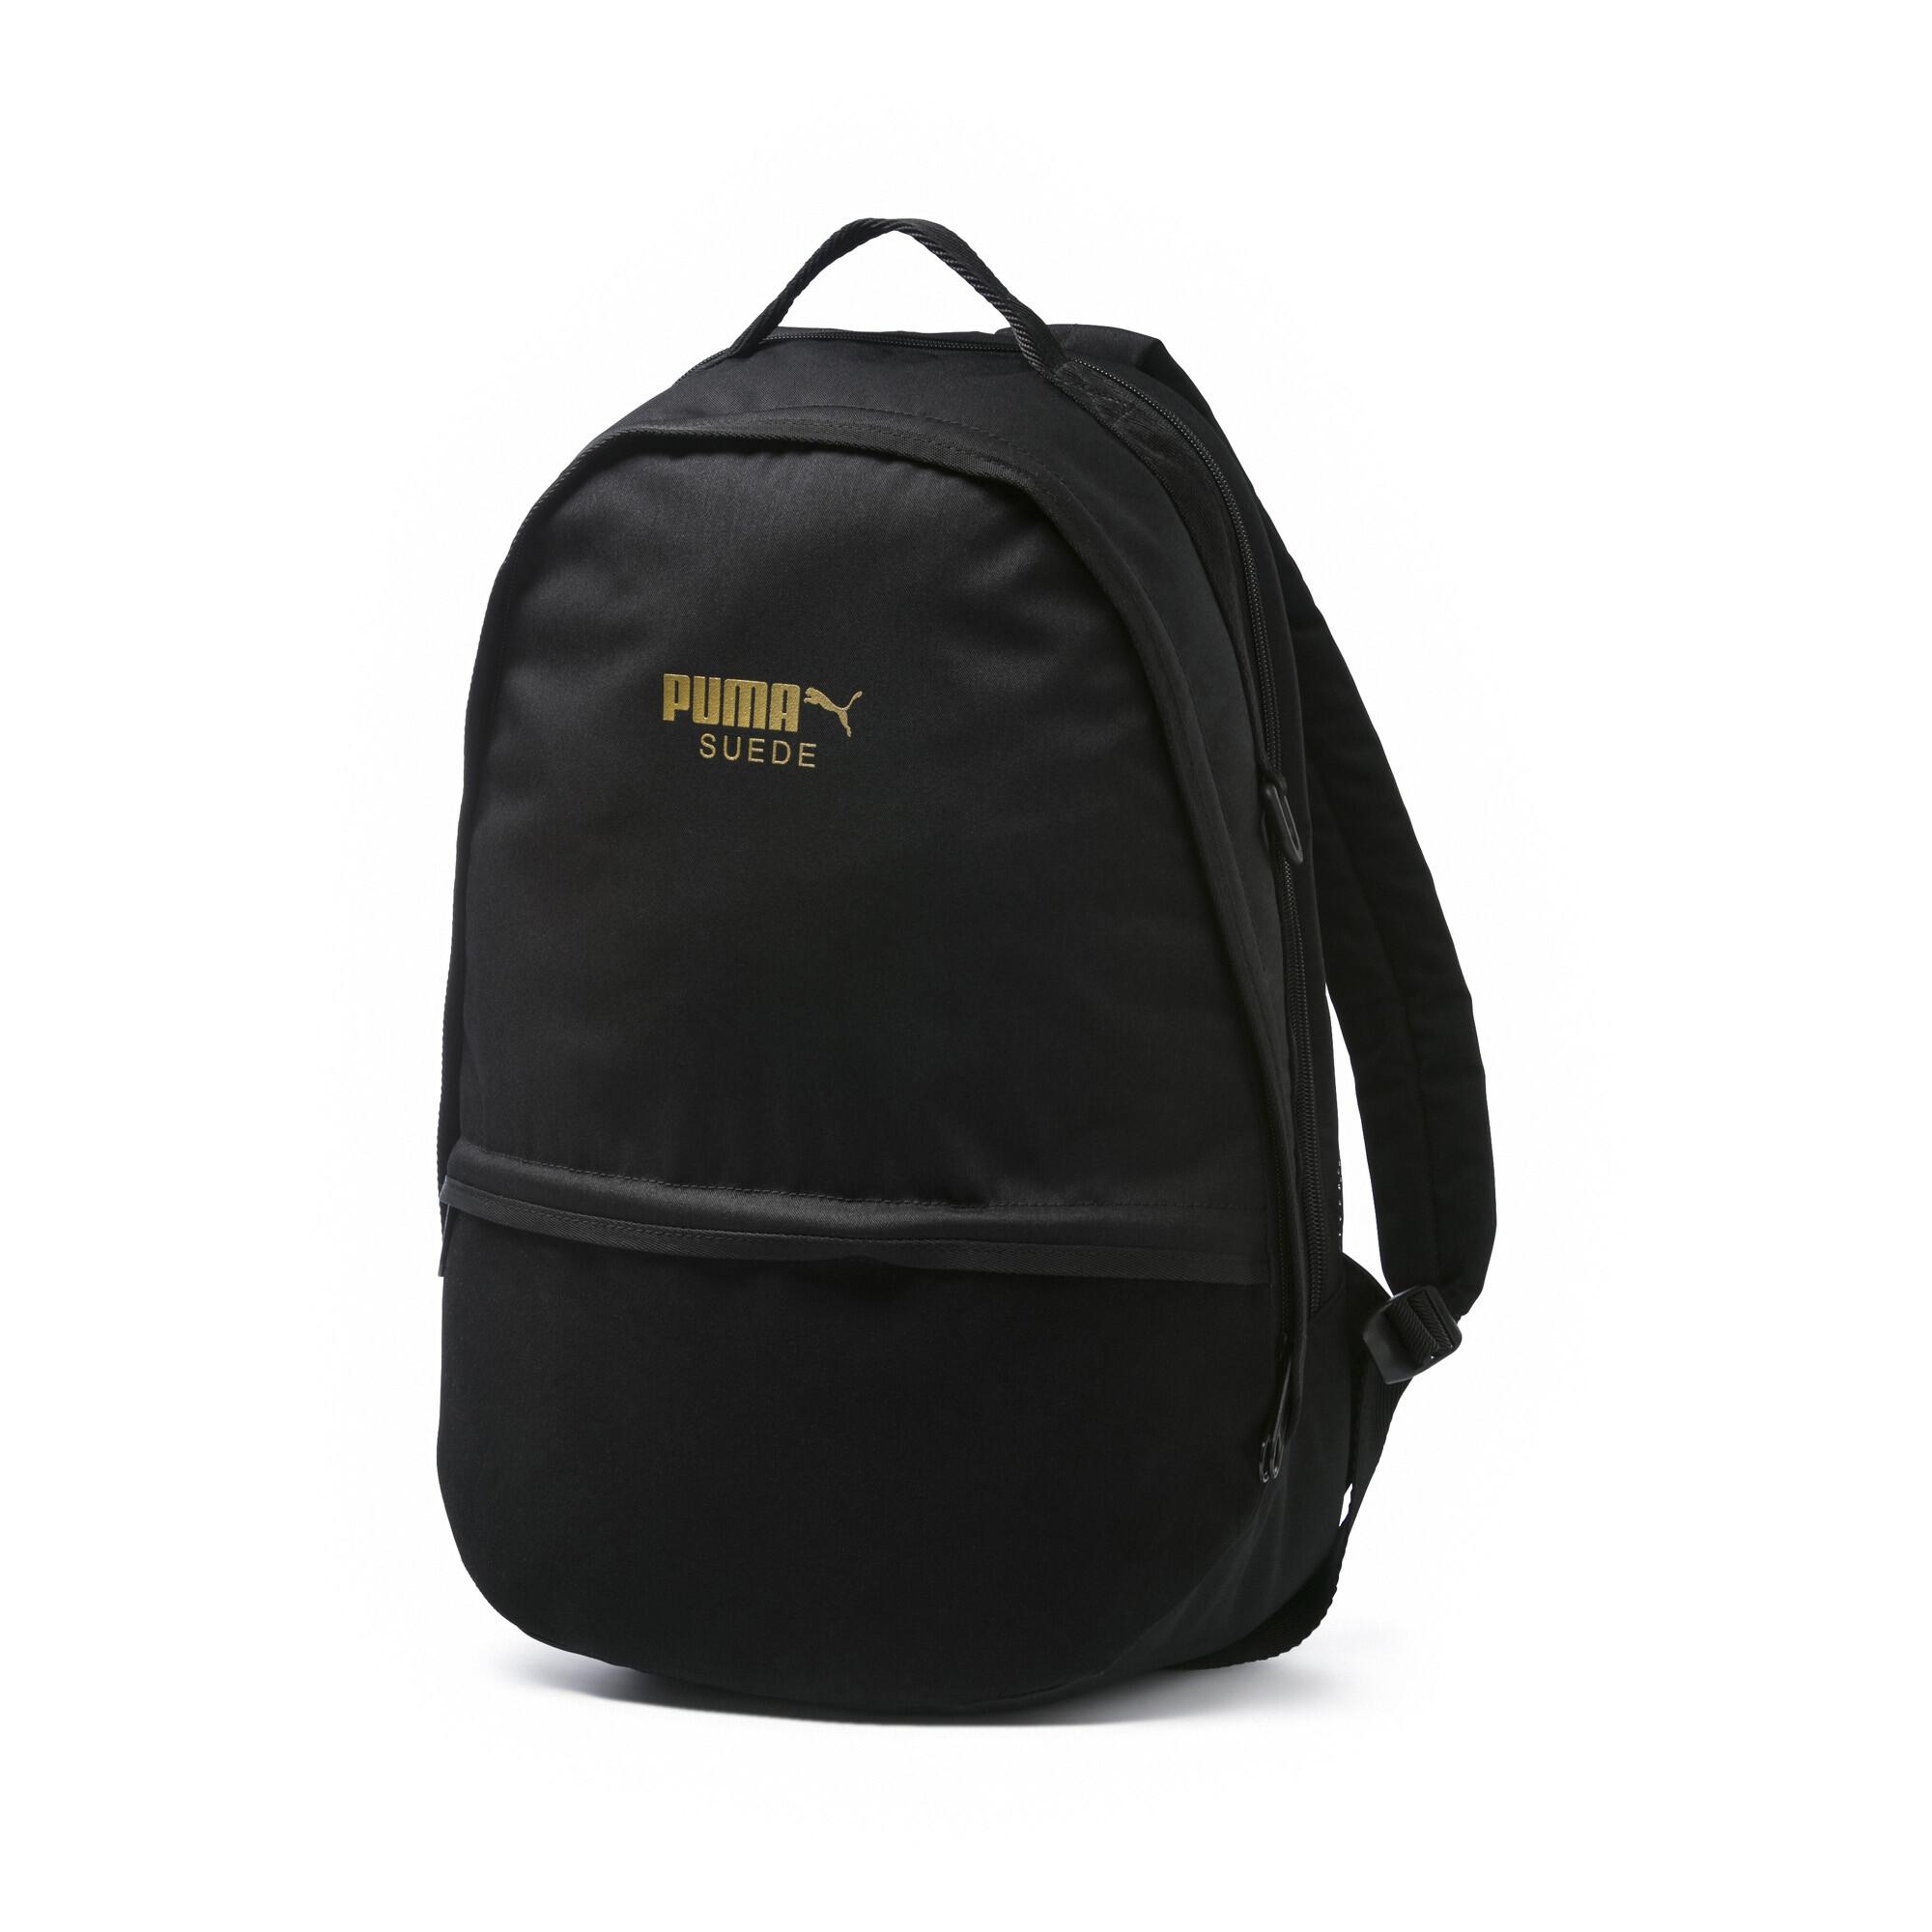 69eaf6a945 Image Puma Puma Suede Backpack  1